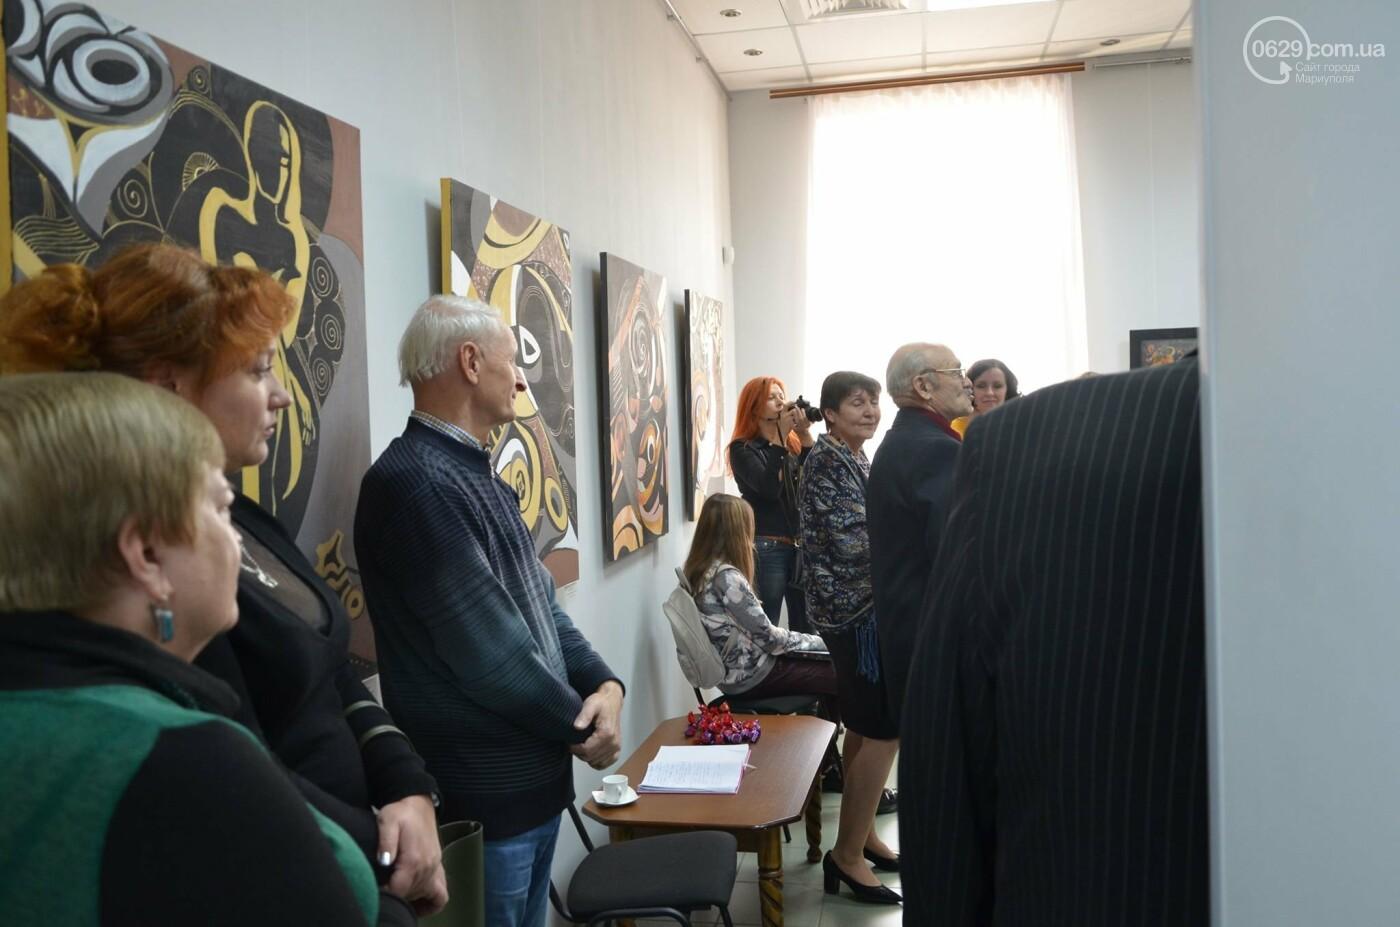 Золото на черном. Мариупольская  художница  Оксана Гнатышин  представила картины в авангардном стиле,-   ФОТО, фото-7